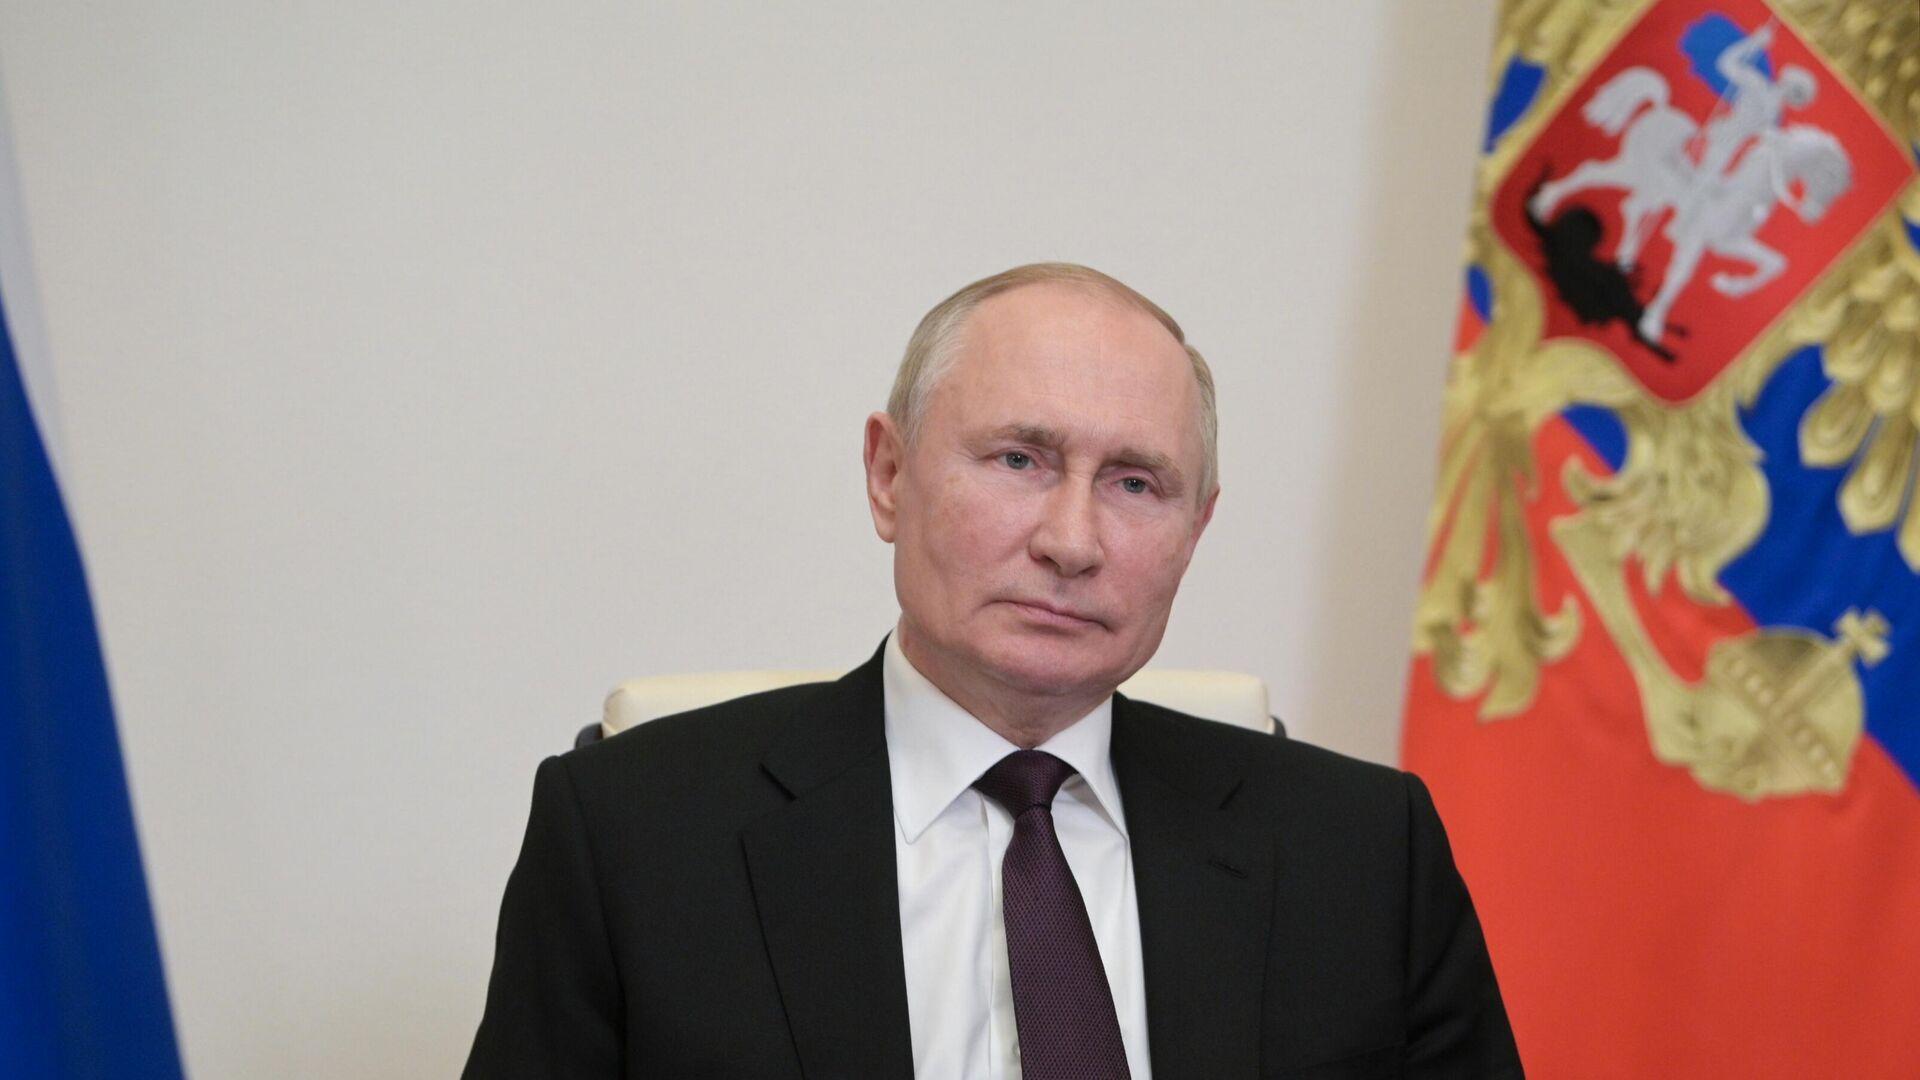 Βλαντίμιρ Πούτιν - Sputnik Ελλάδα, 1920, 07.10.2021